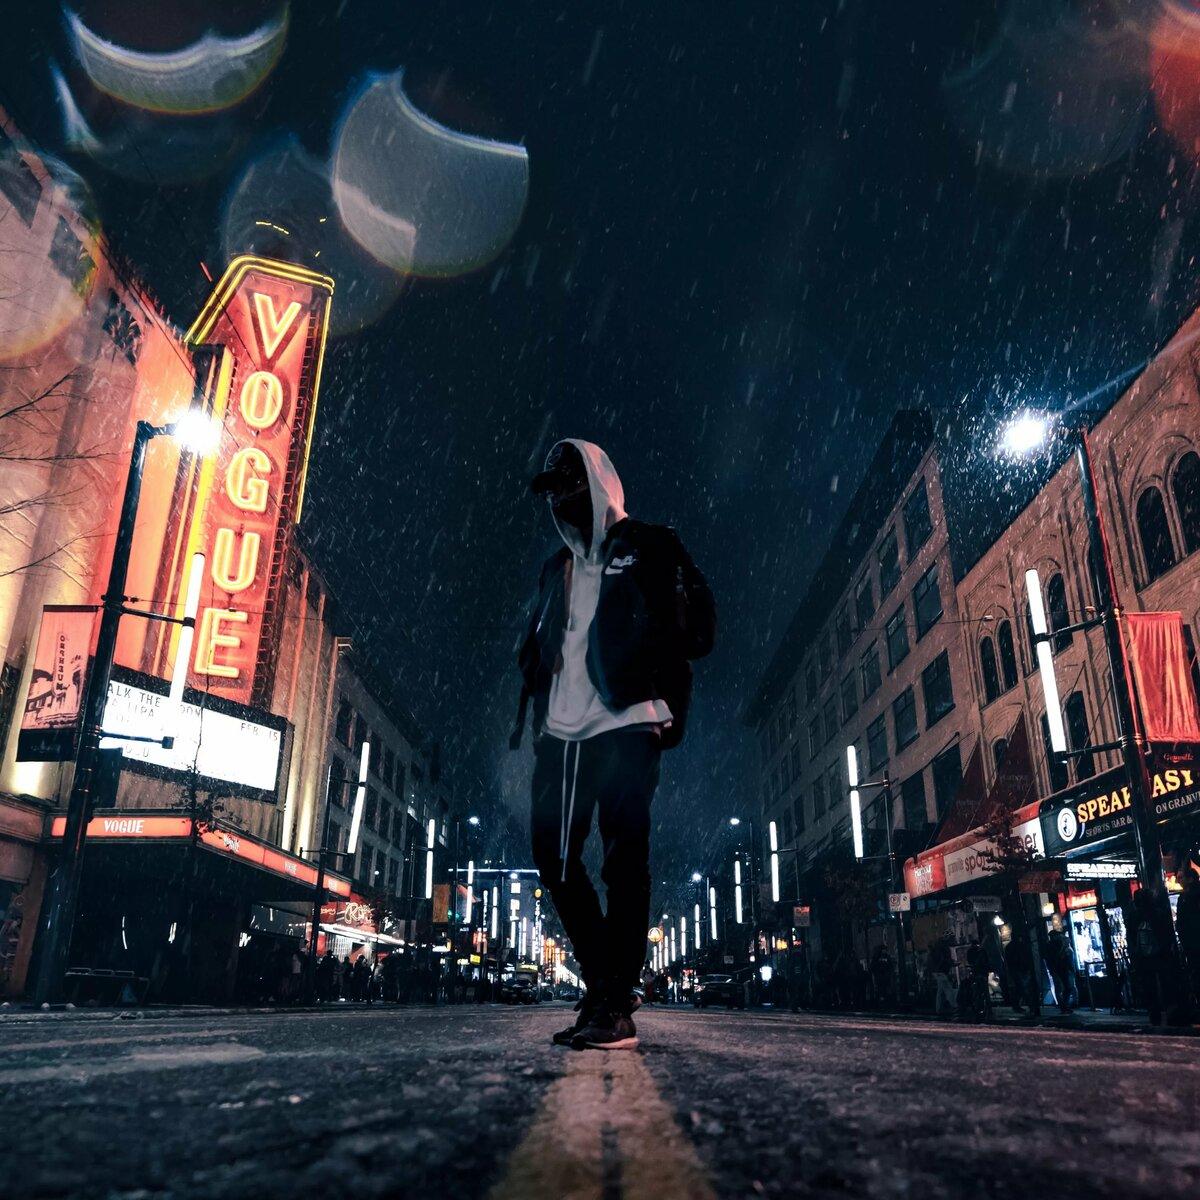 восхищались картинки улицы ночью пацаны может испортить